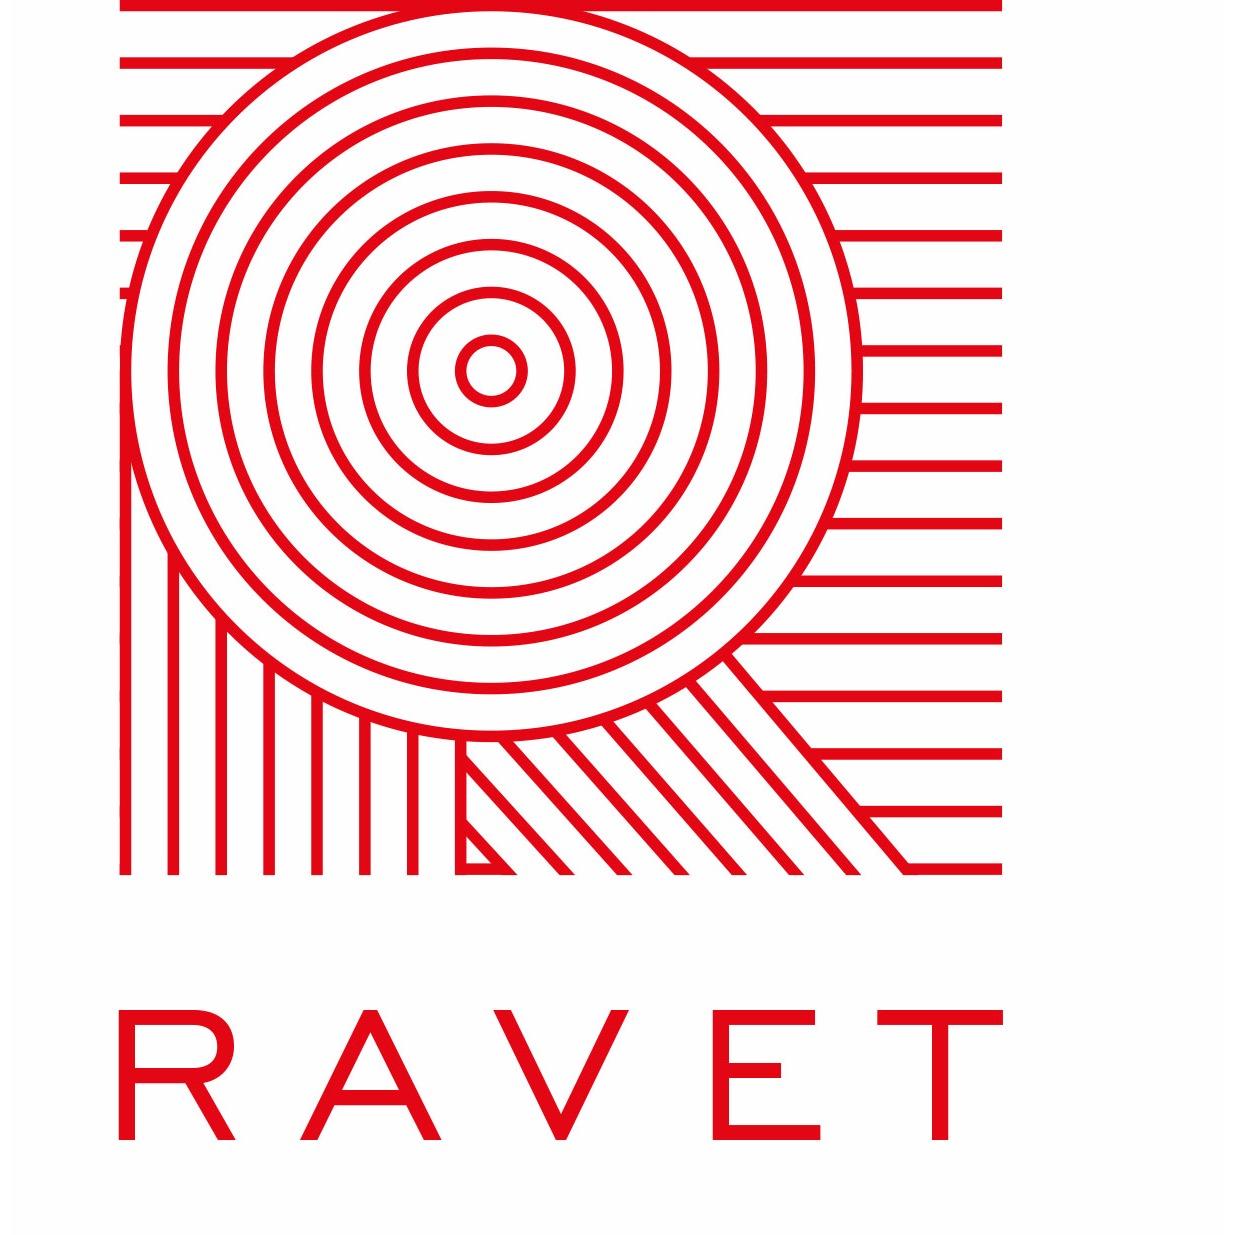 the Ravet & Associés logo.